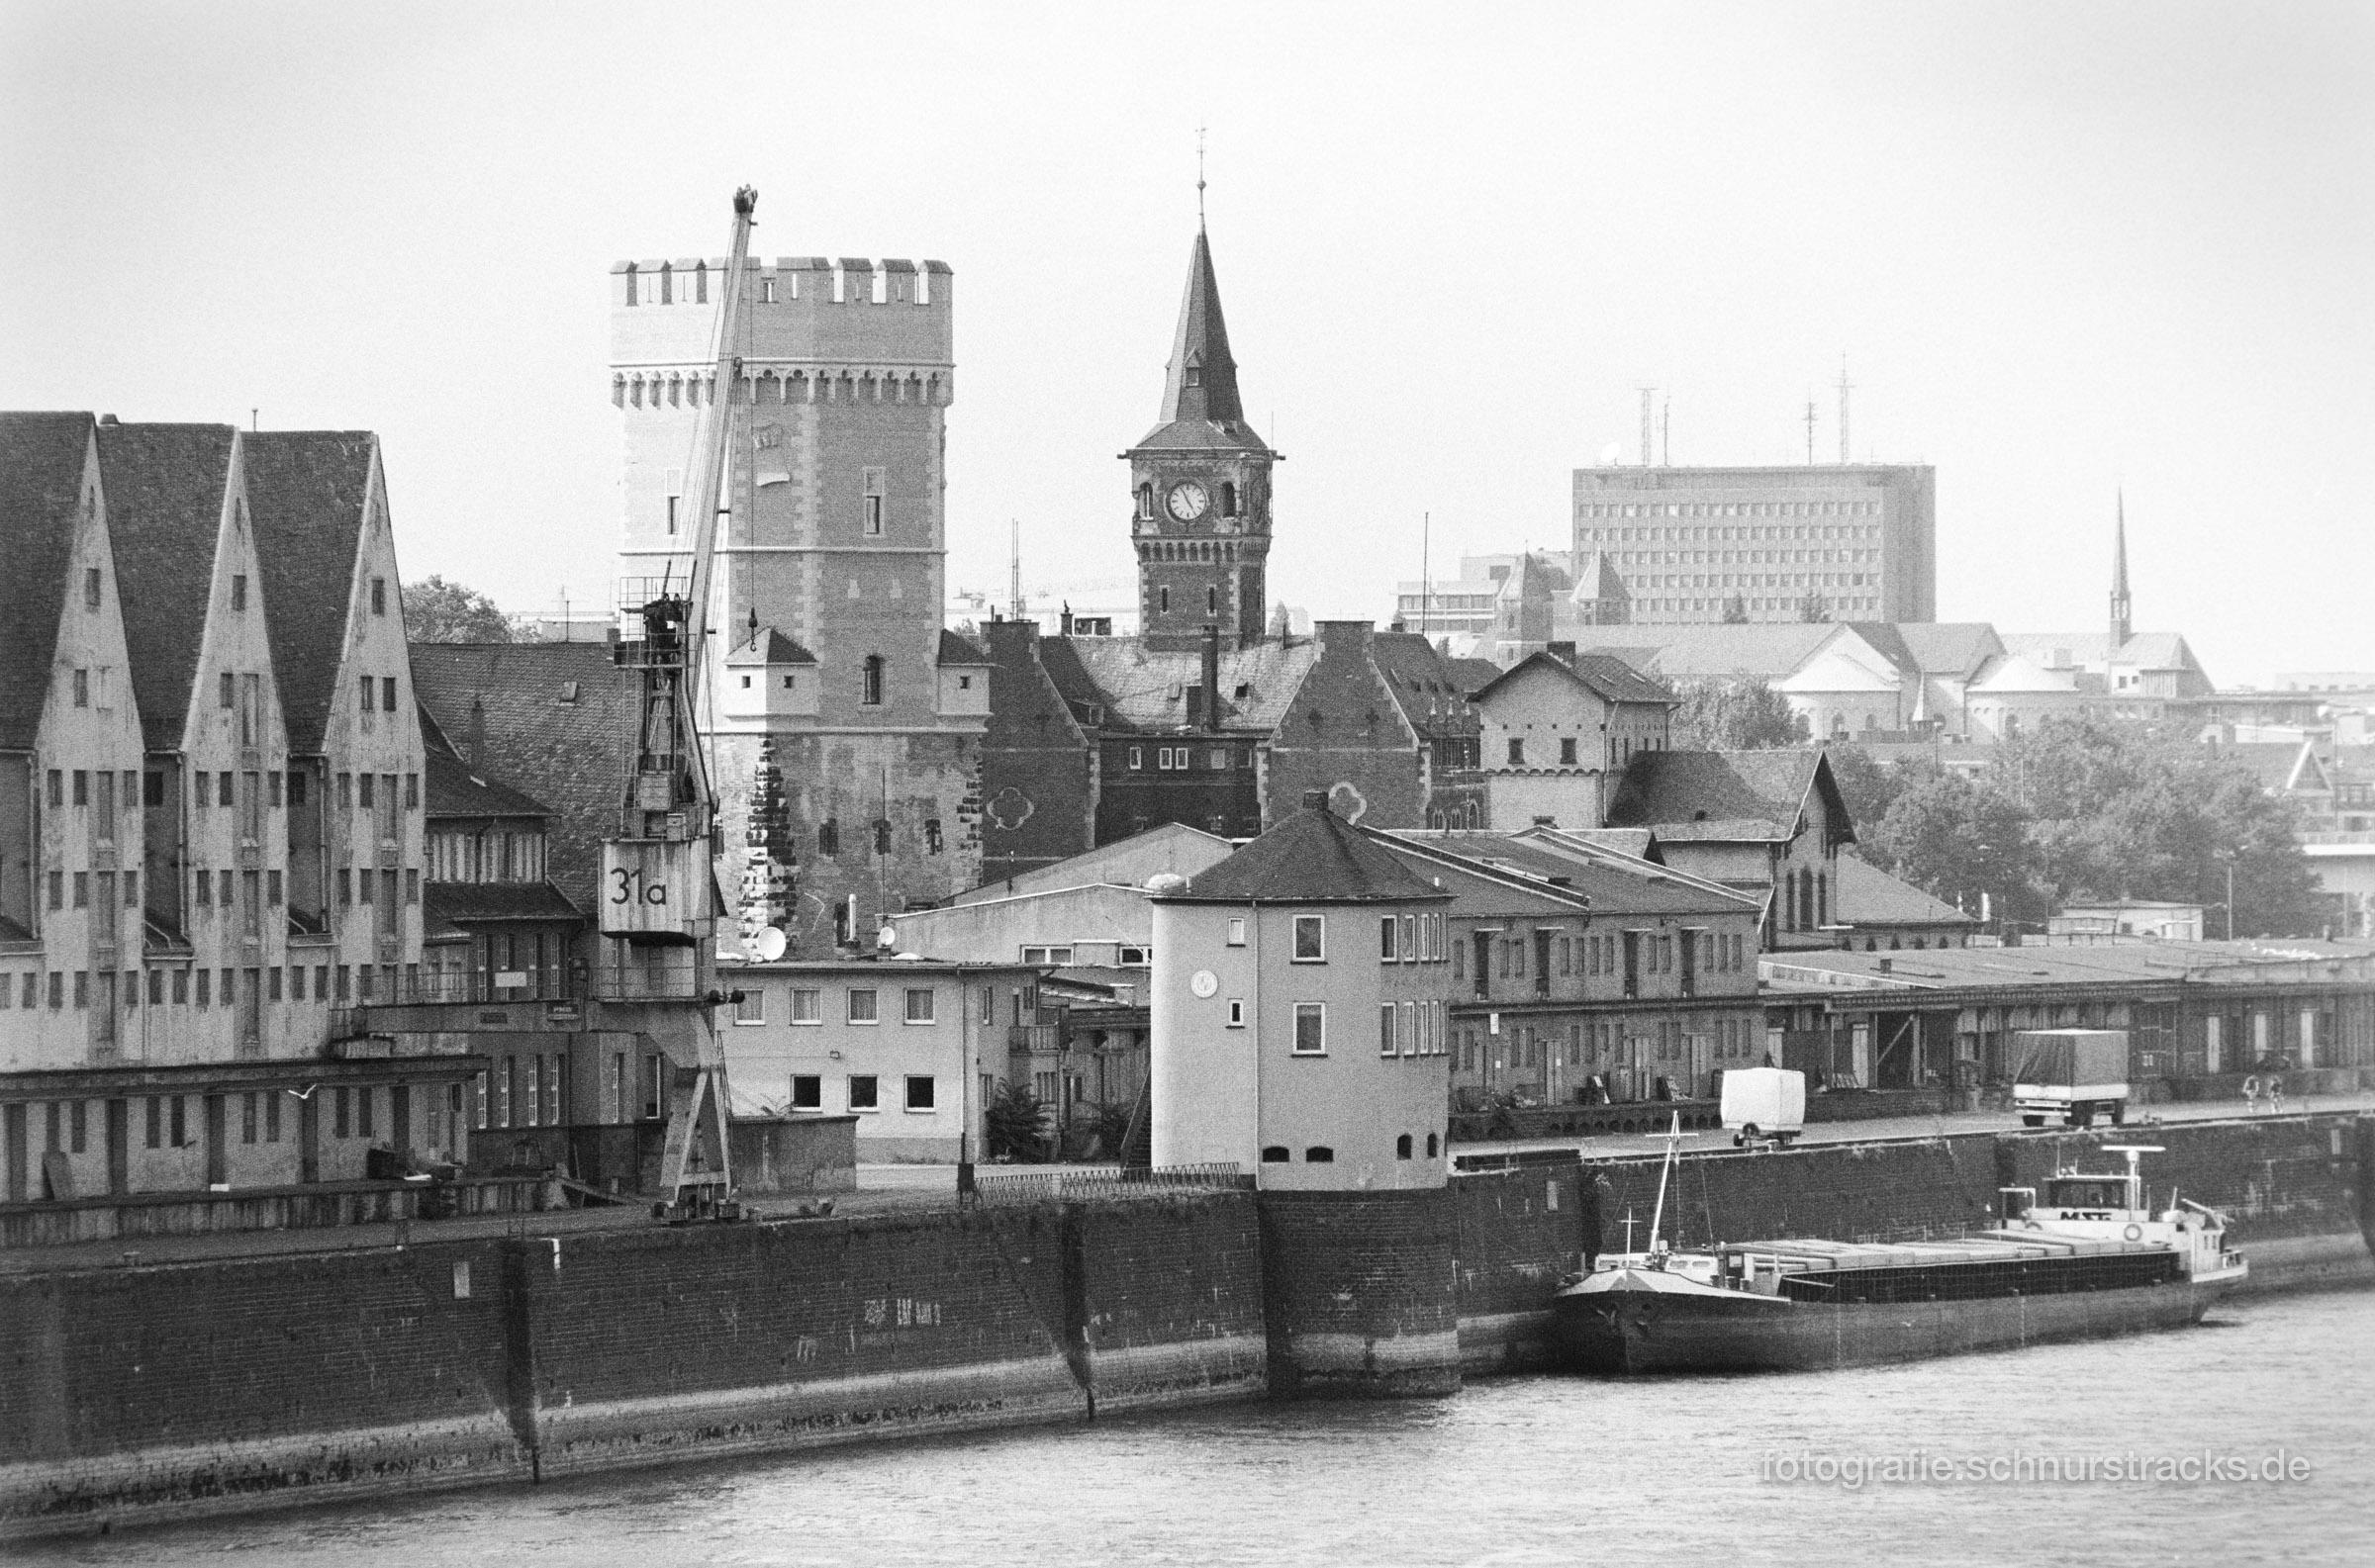 Bayenturm und Rheinauhafen 1994